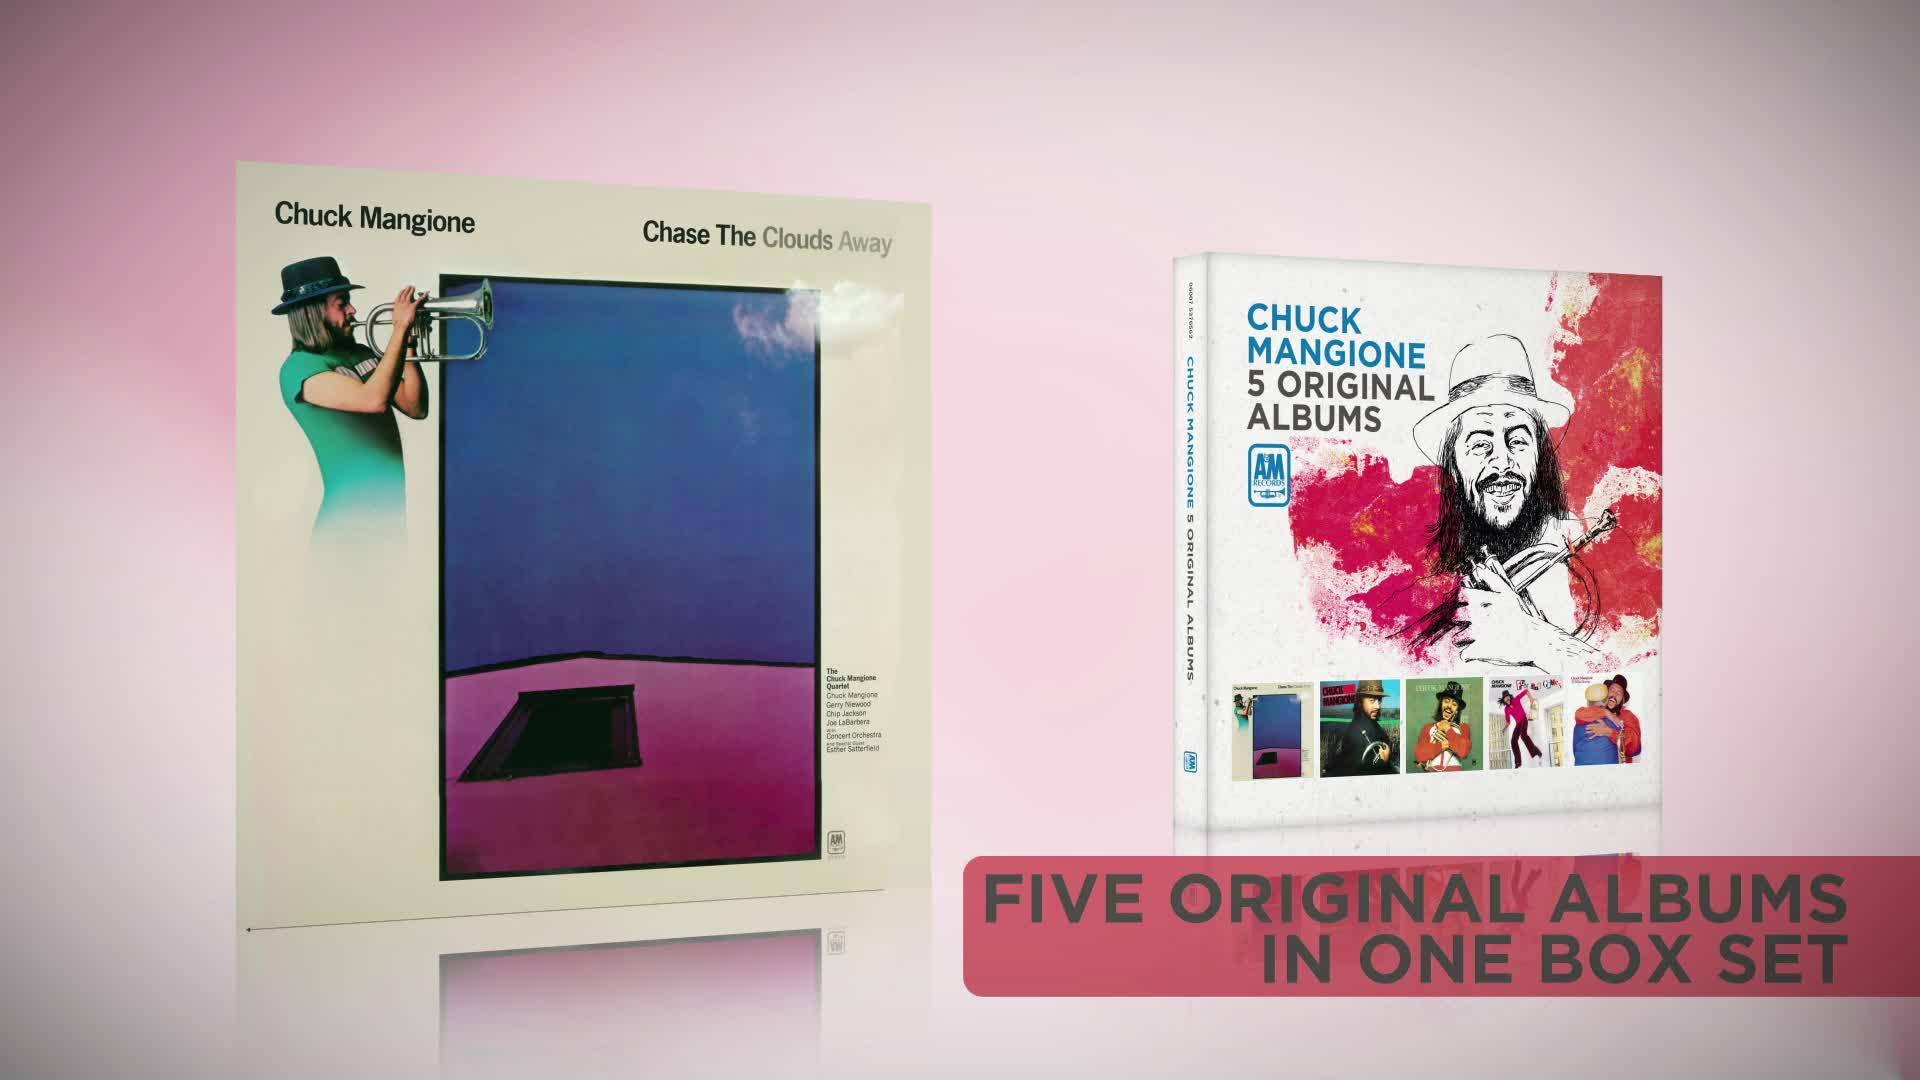 5 Original Albums, Chuck Mangione - 5 Original Albums